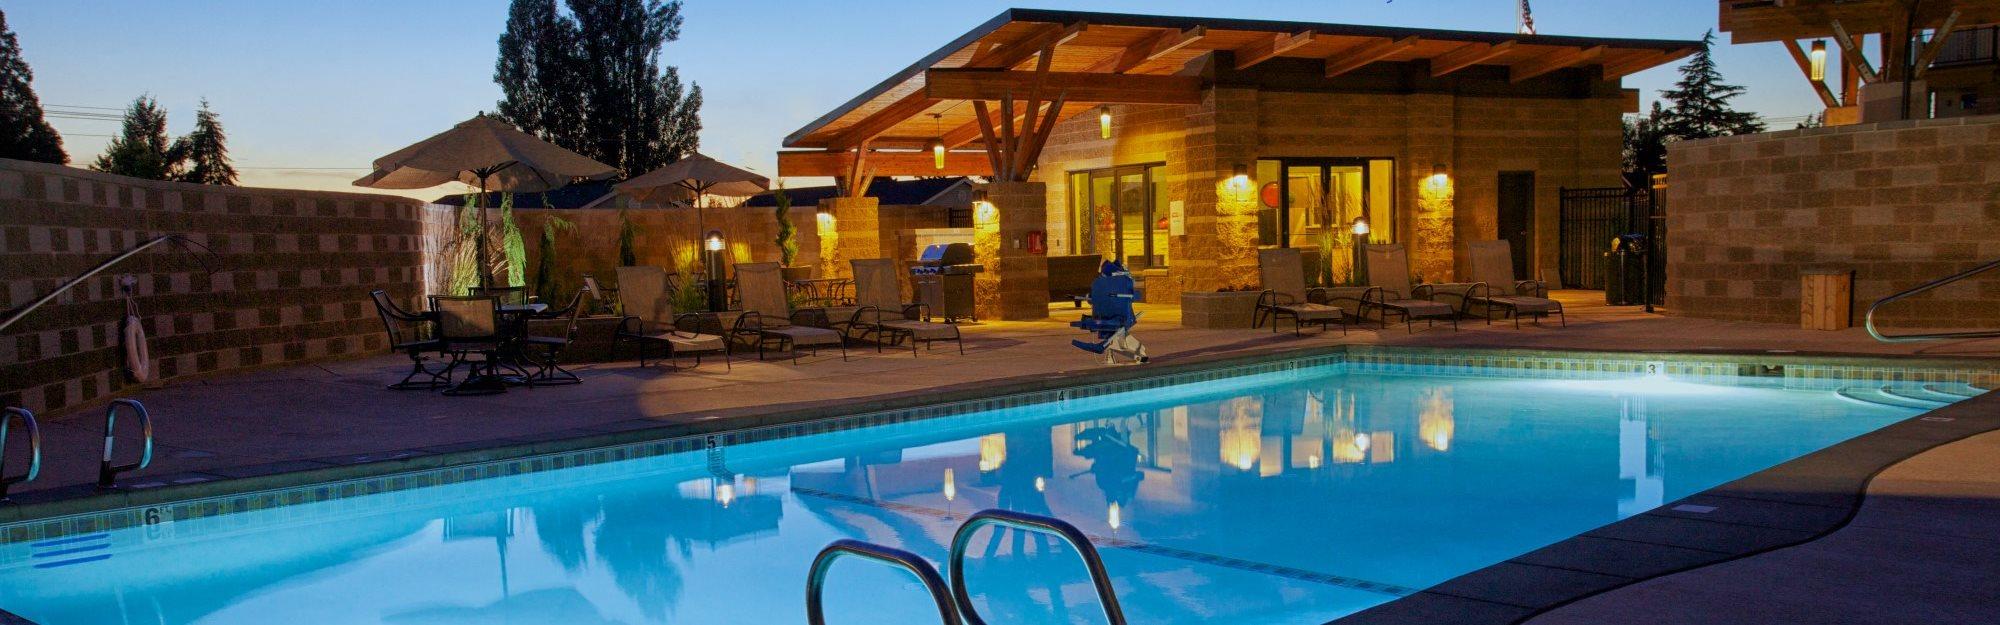 Twilight pool Image